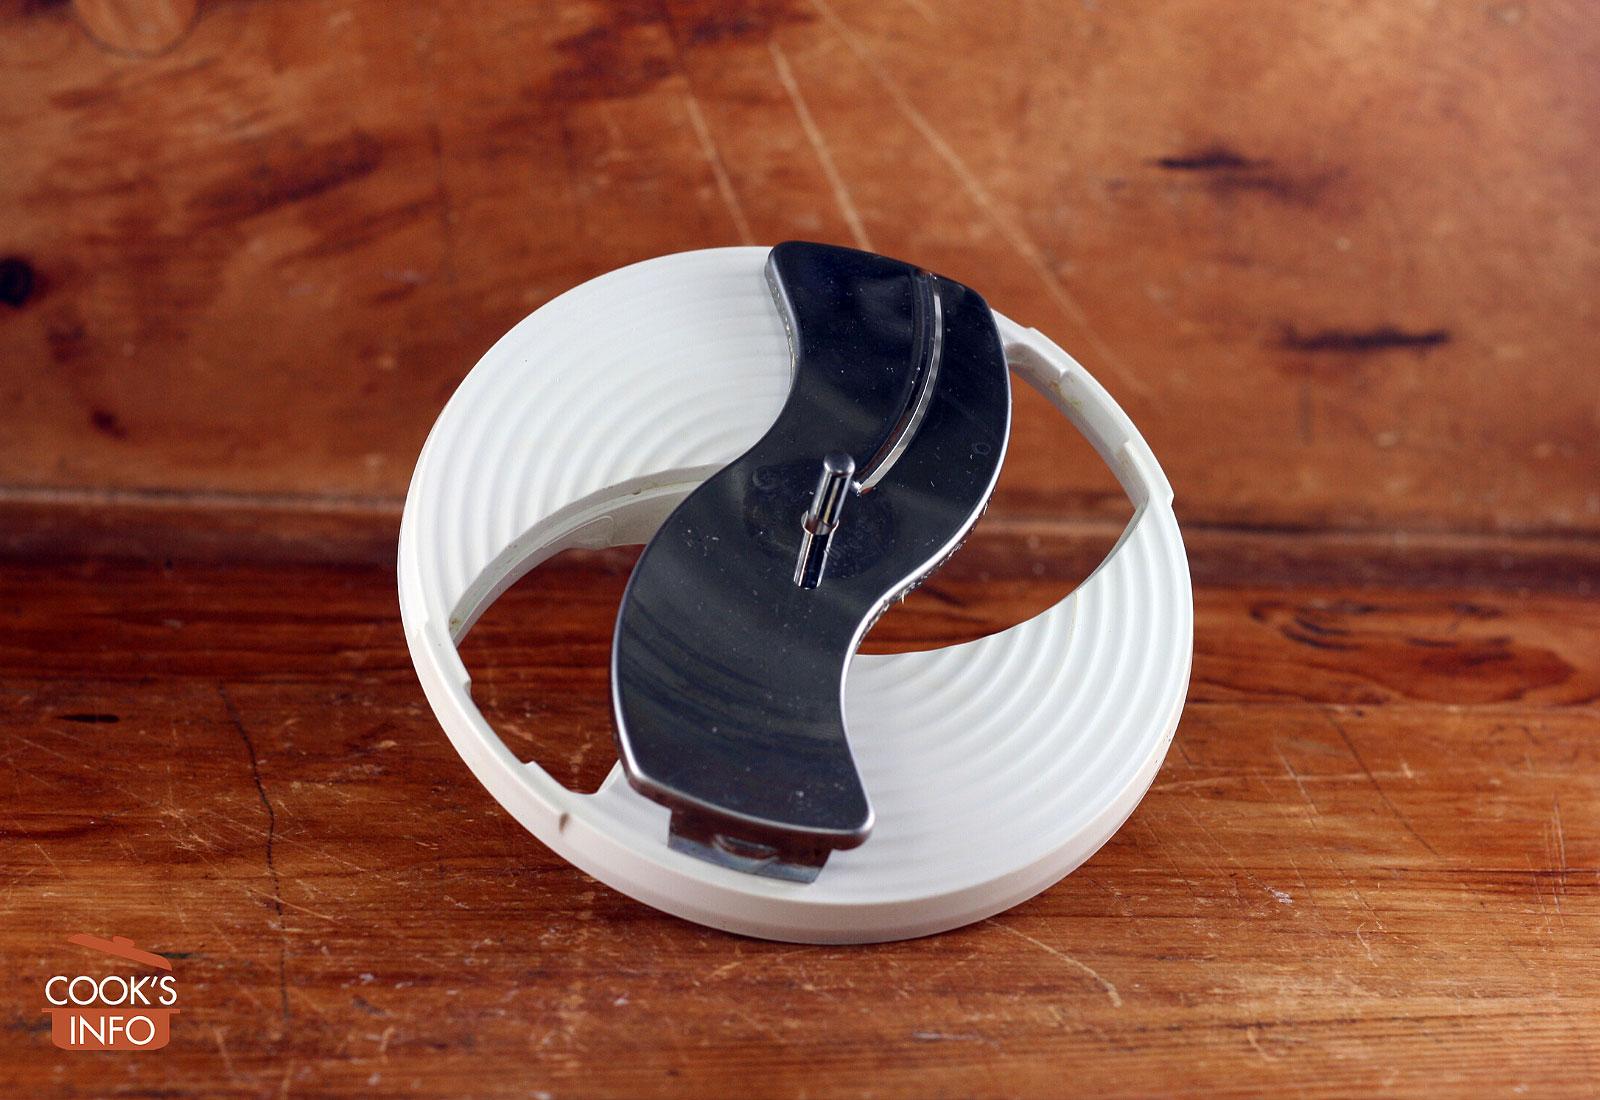 Food processor slicer blade